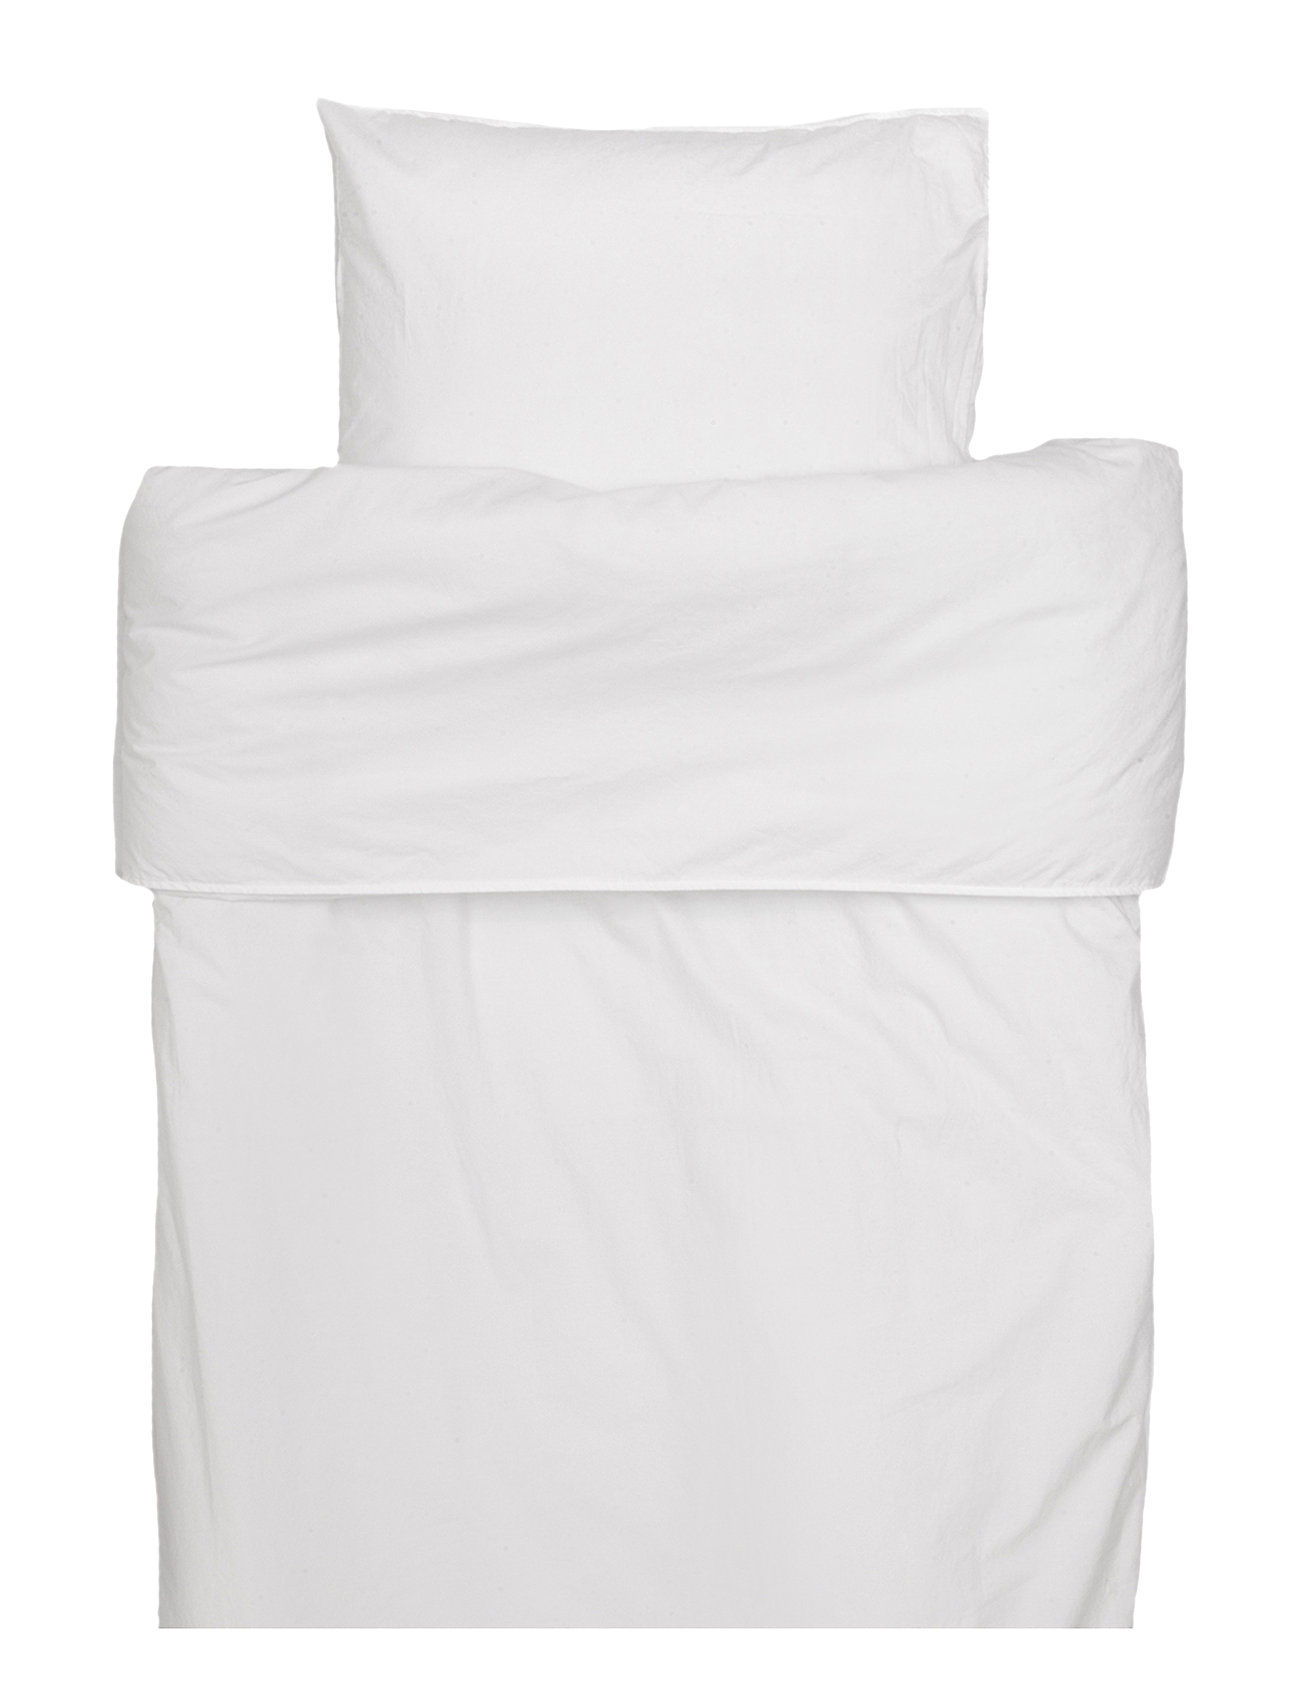 Himla Hope Plain Duvet Cover - WHITE